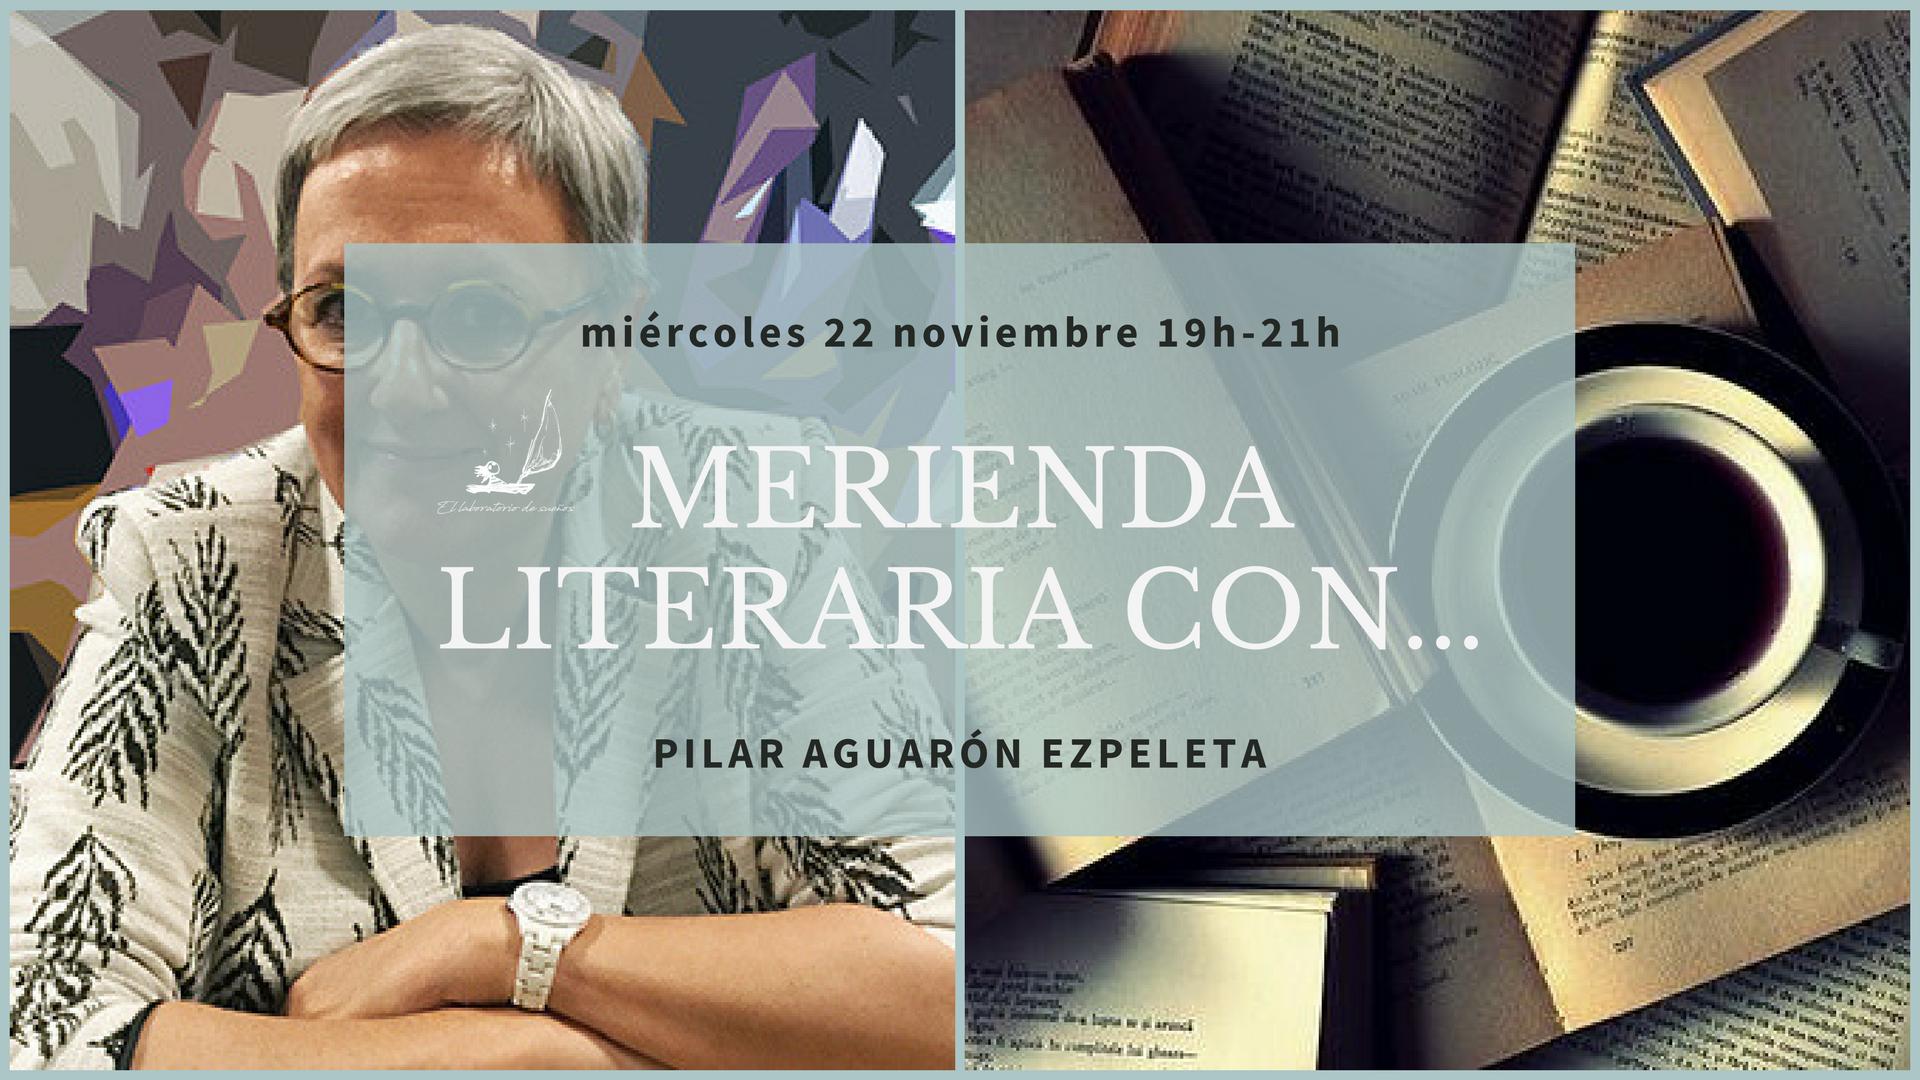 Merienda Literaria con…Pilar Aguarón Ezpeleta